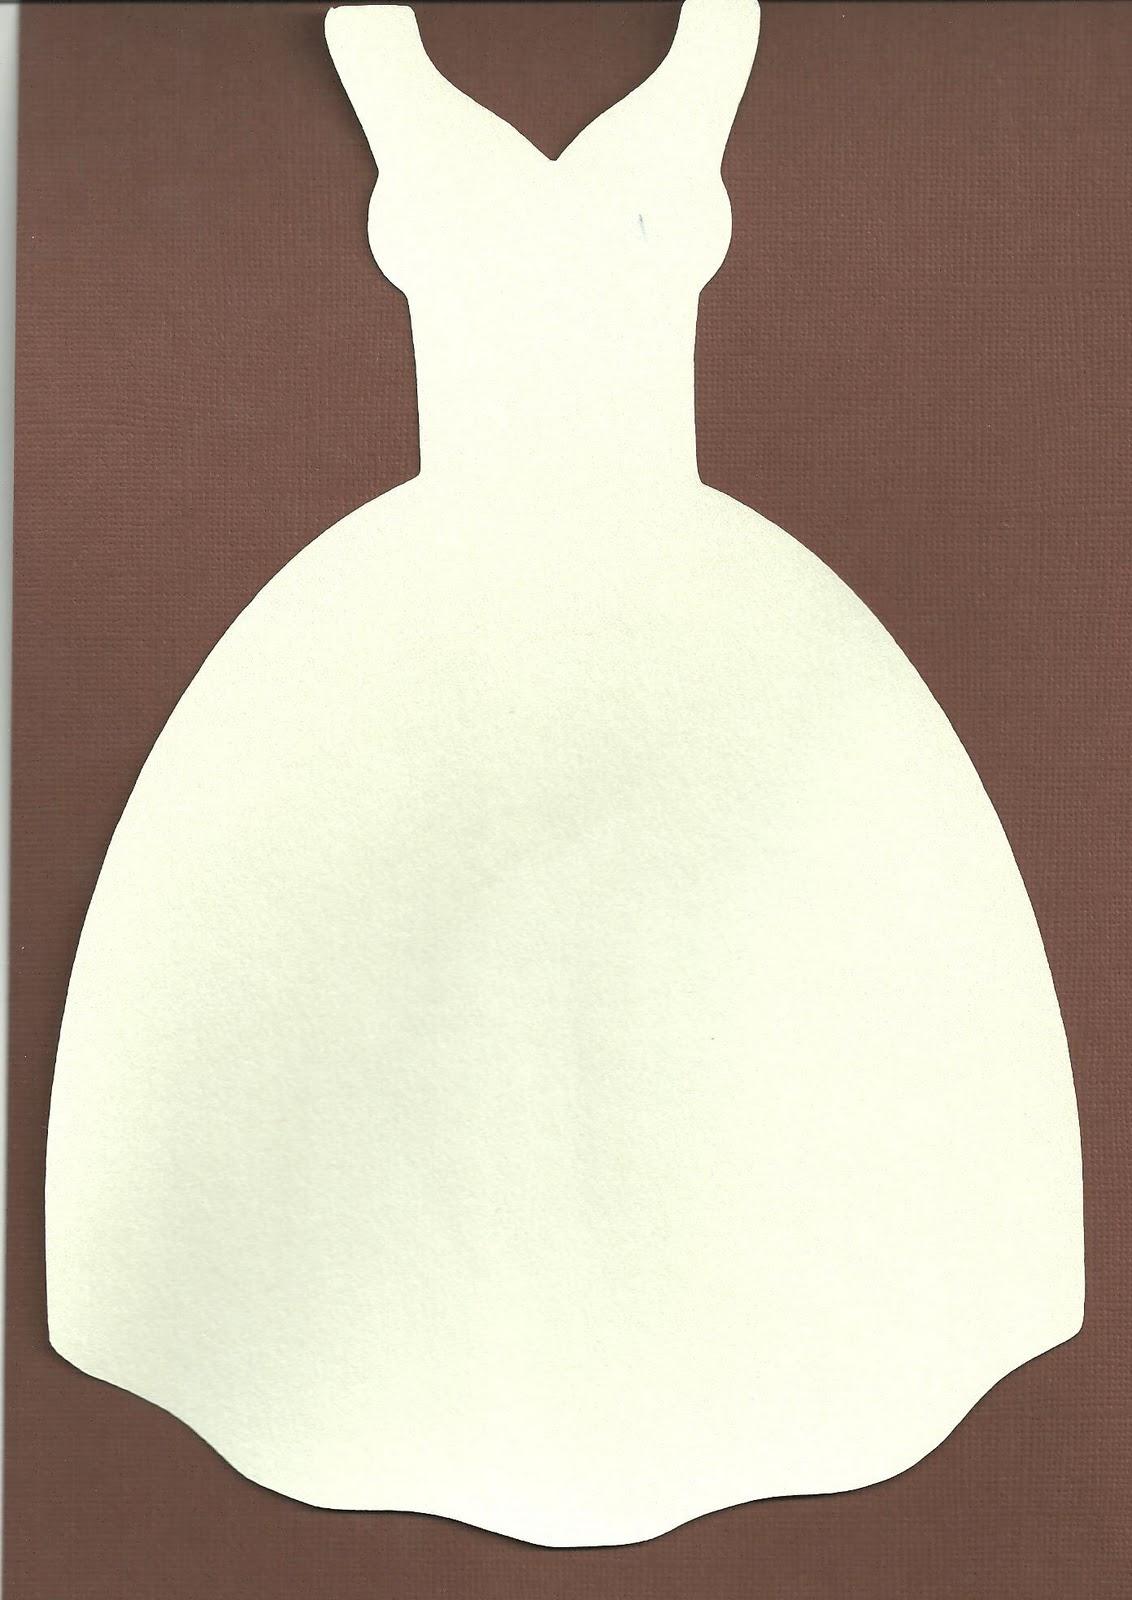 Контур платья для открытки, понивиль форма